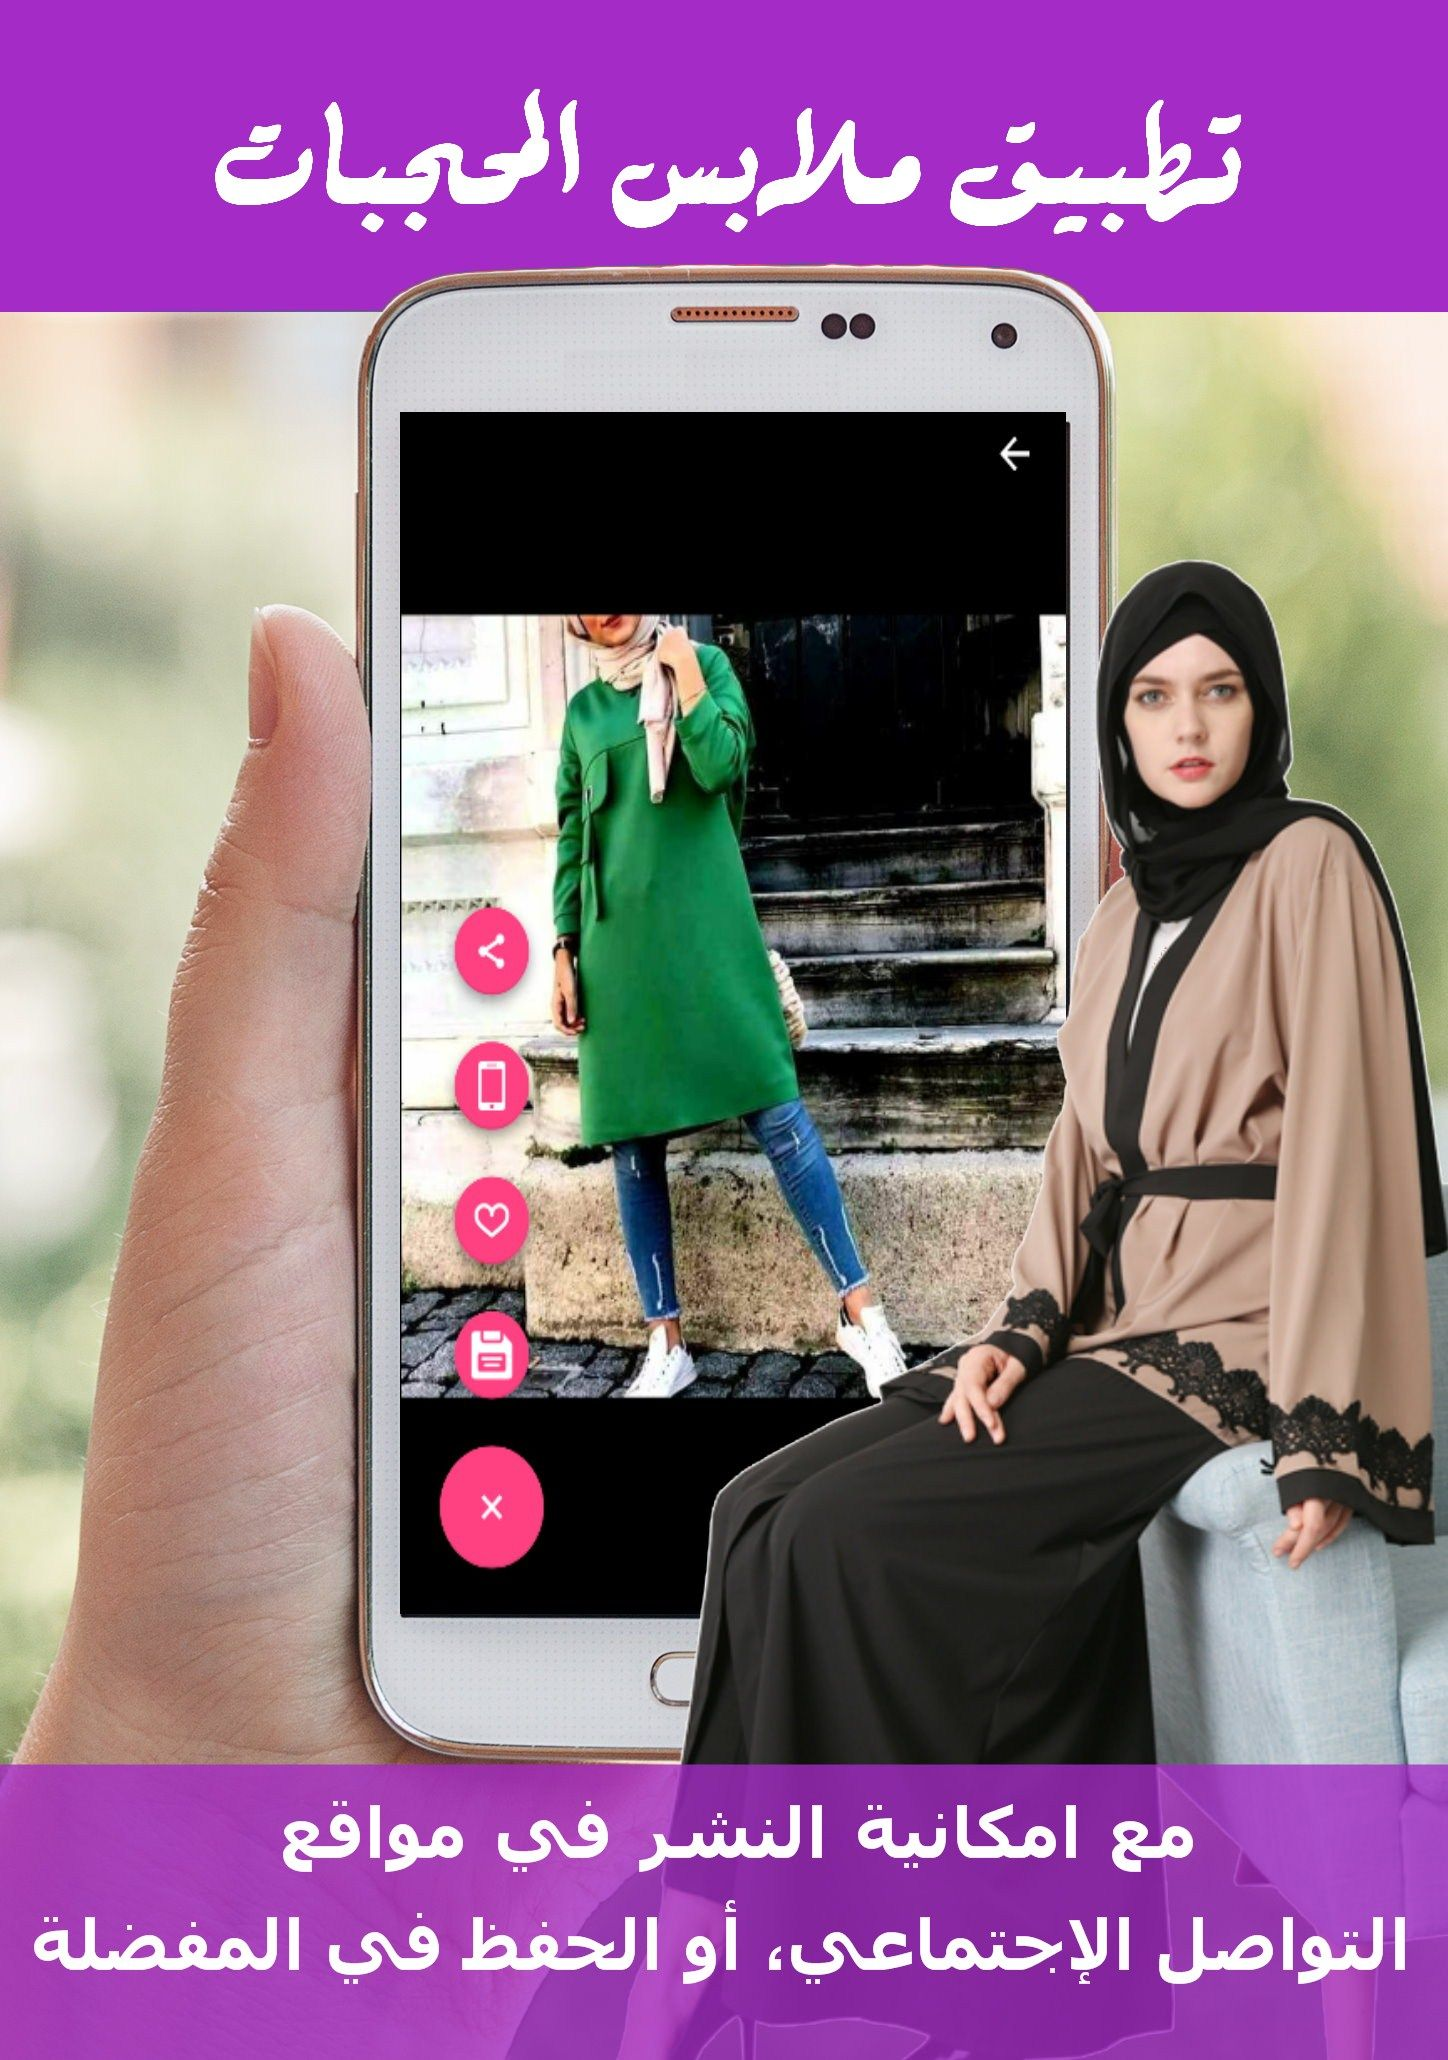 8f430b42cb4bd أروع ملابس المحجبات 2018 ملابس محجبات تركية، صور ملابس المحجبات رائعة في  تطبيق واحد